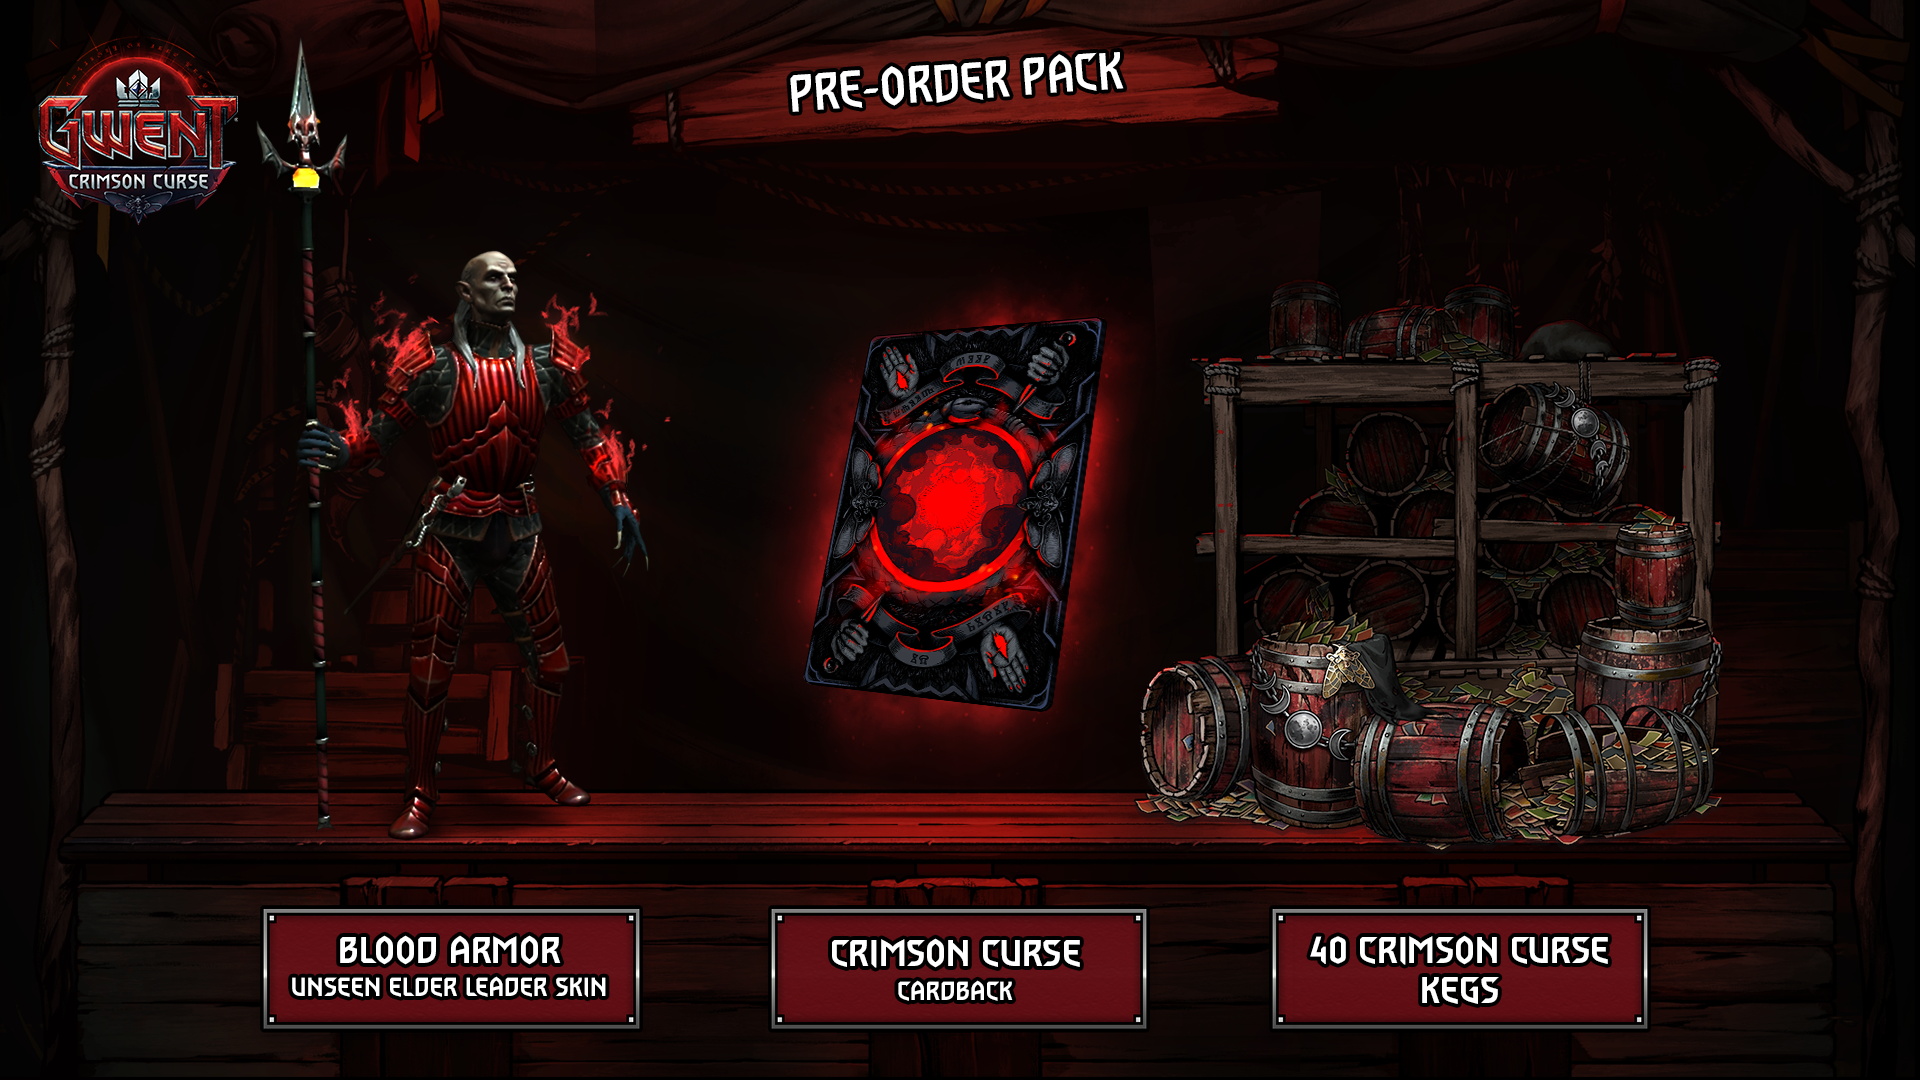 بررسی اولین گسترش دهندهی گوئنت: Crimson Curse